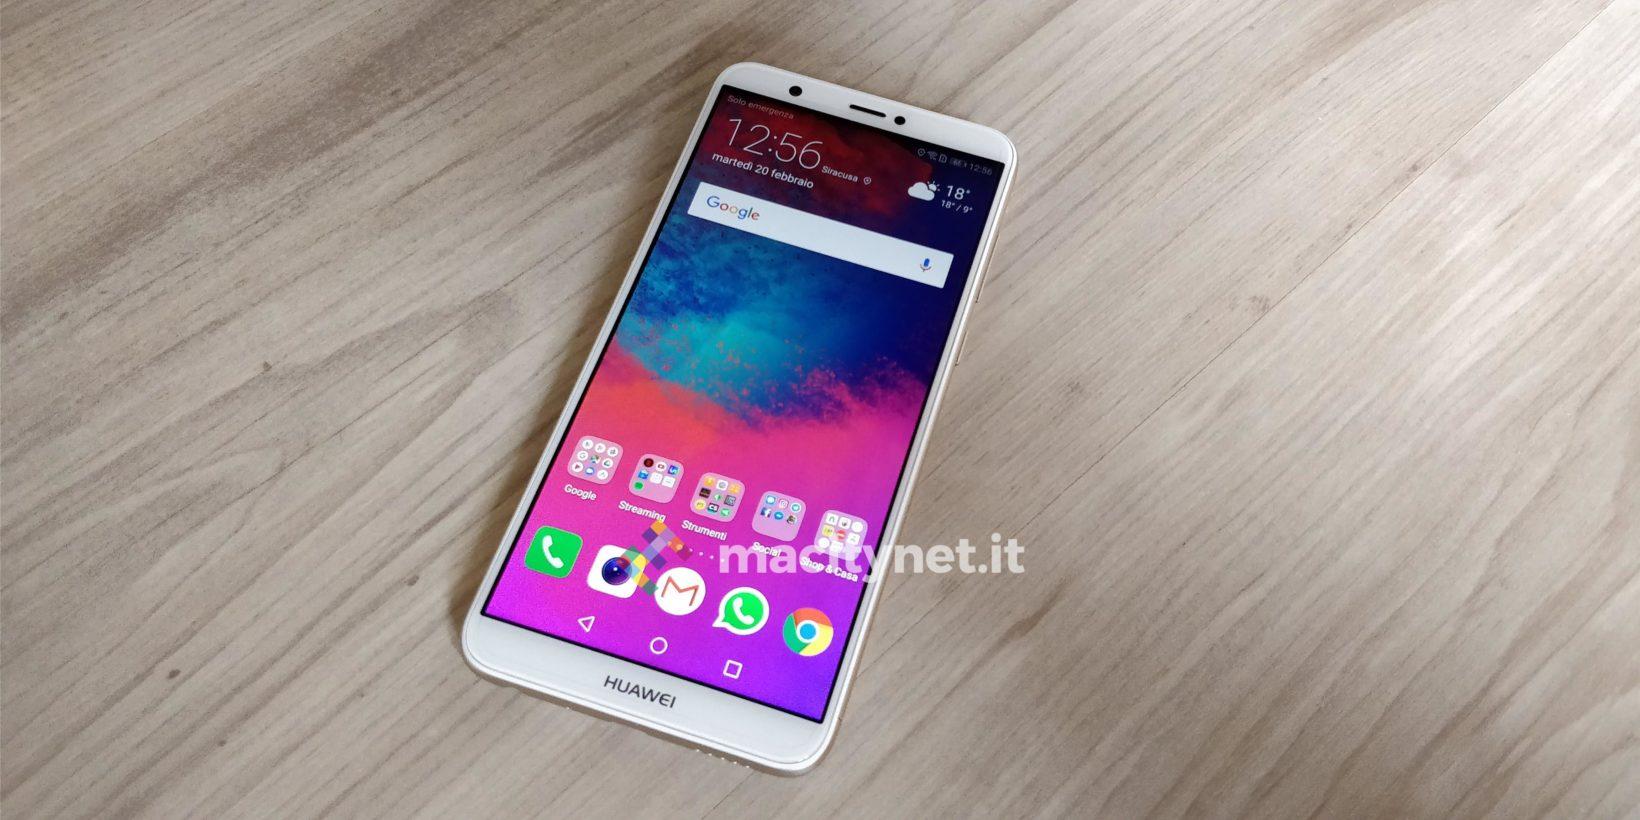 Schemi Elettrici Huawei : Recensione huawei p smart: economico alla moda e maneggevole